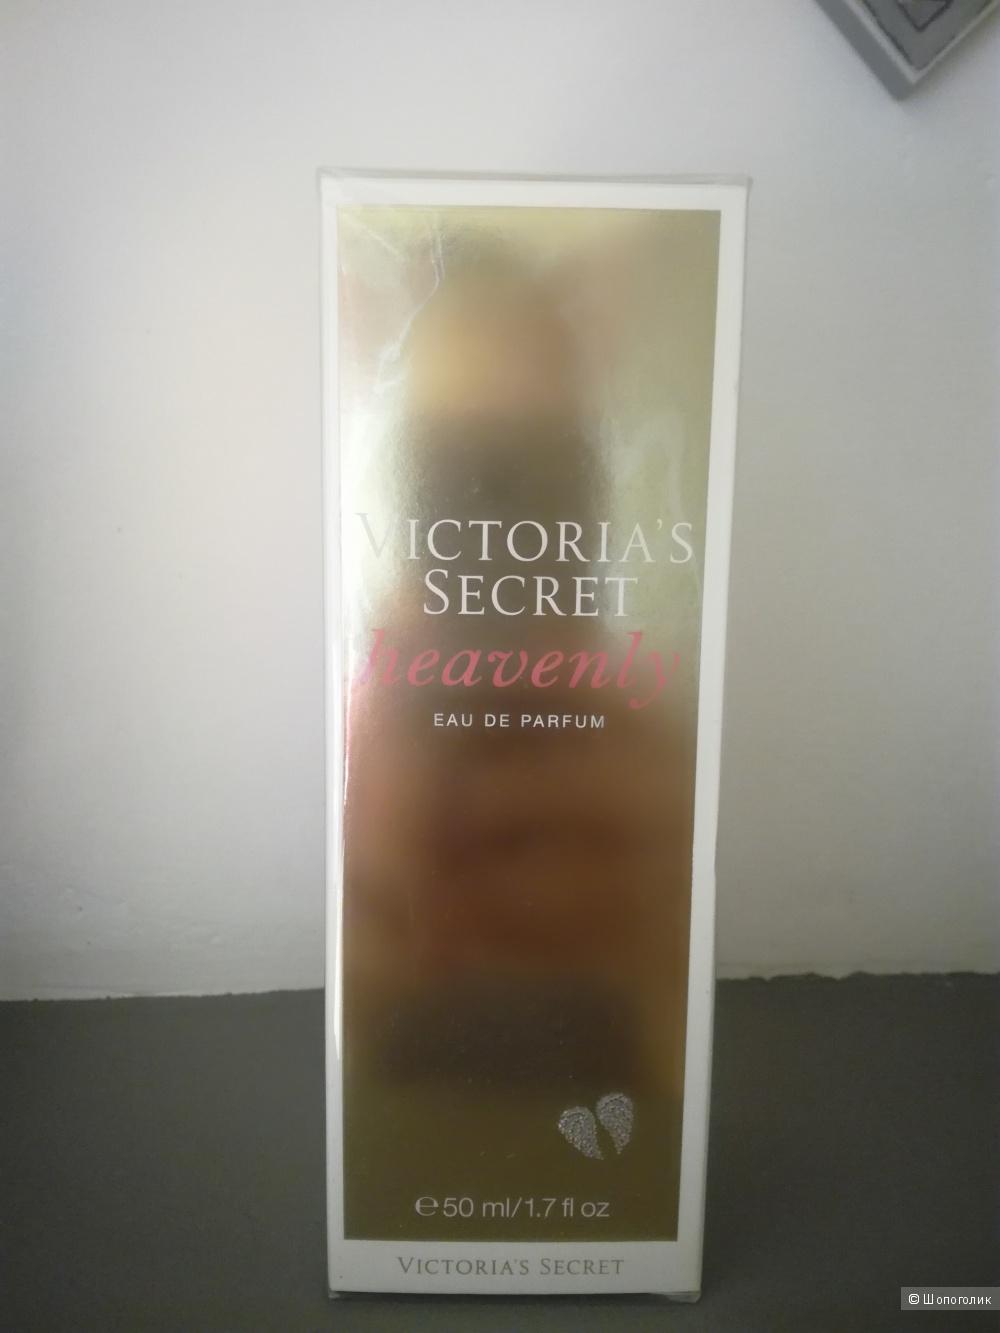 Парфюм Victoria's Secret Heavenly Eau de Parfum, 50 мл